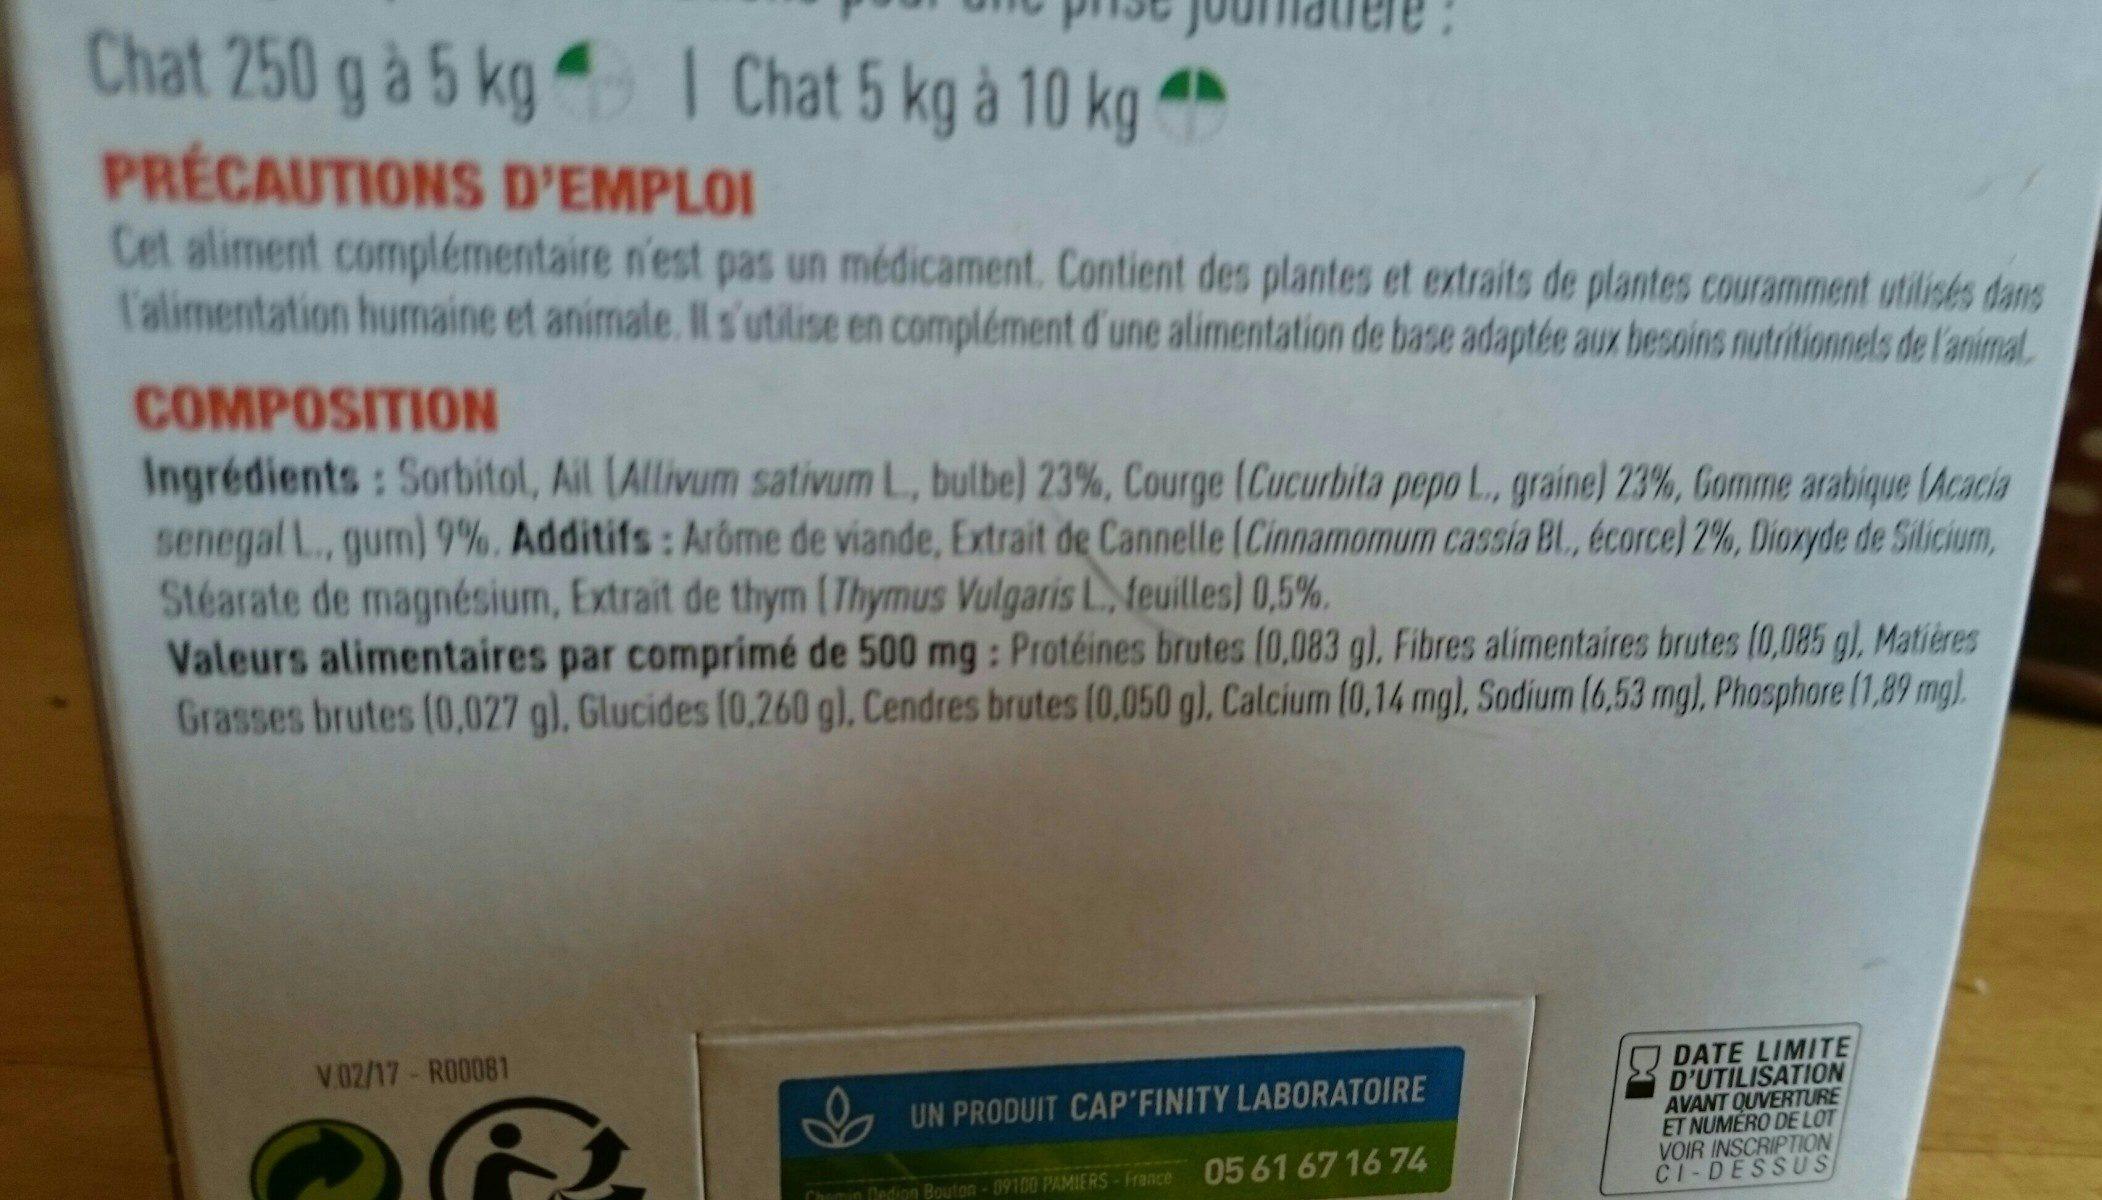 Bien-être intestinal chatons et chats - Ingredients - fr